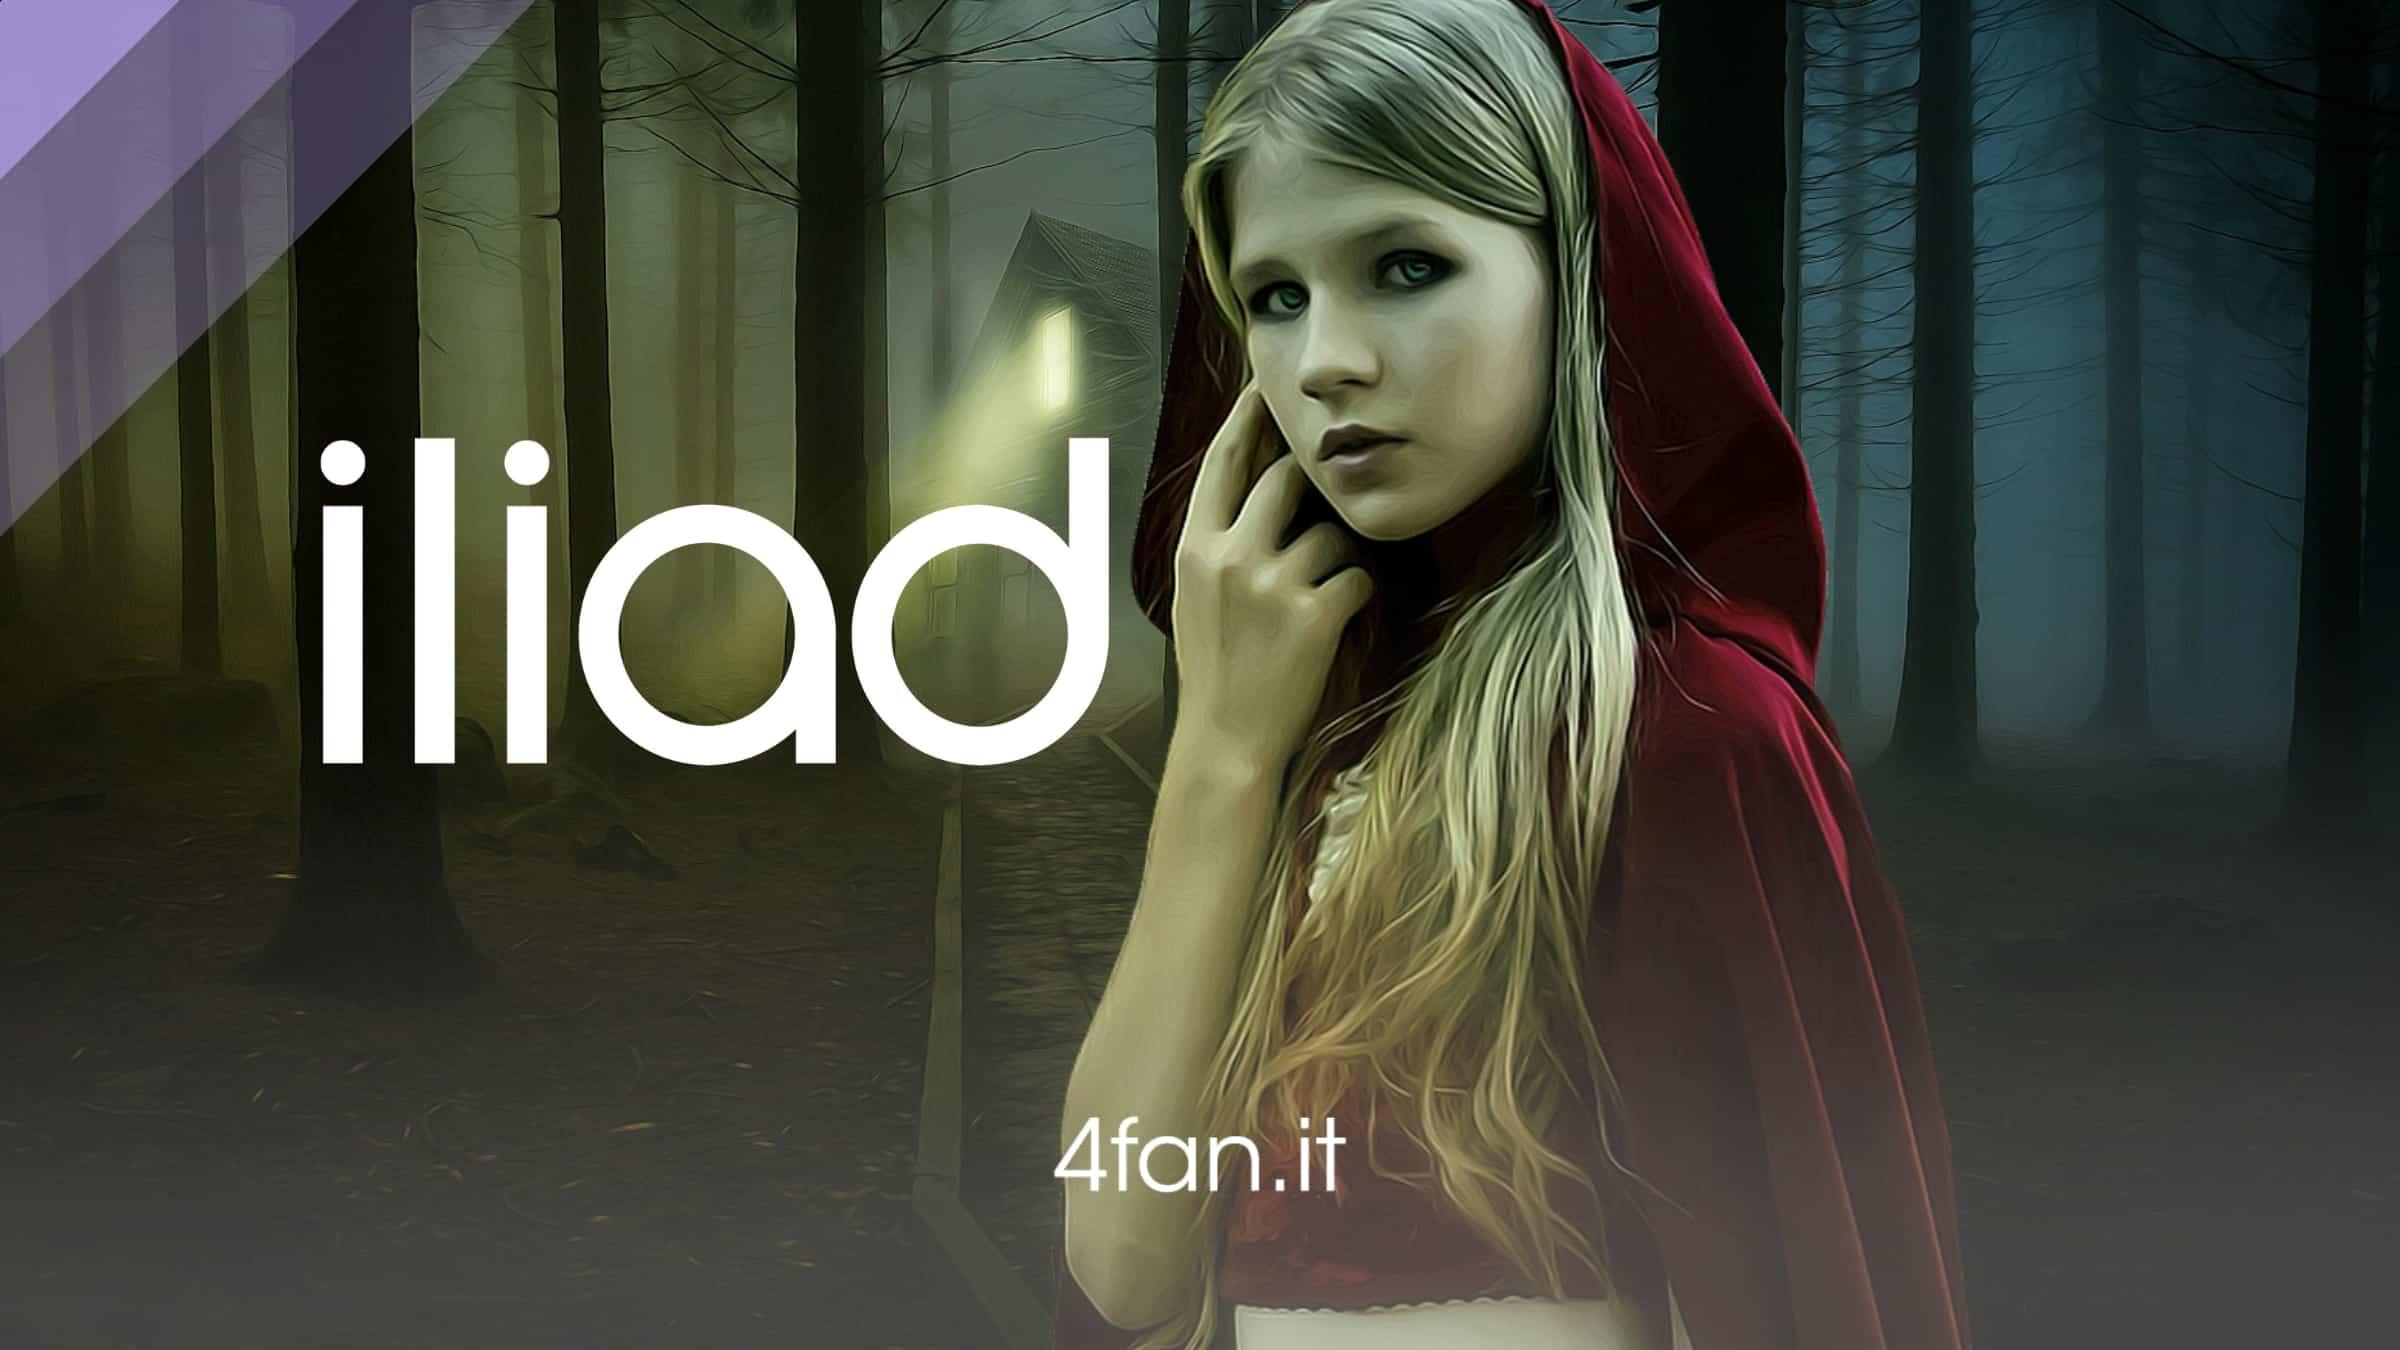 Il silenzio di Iliad